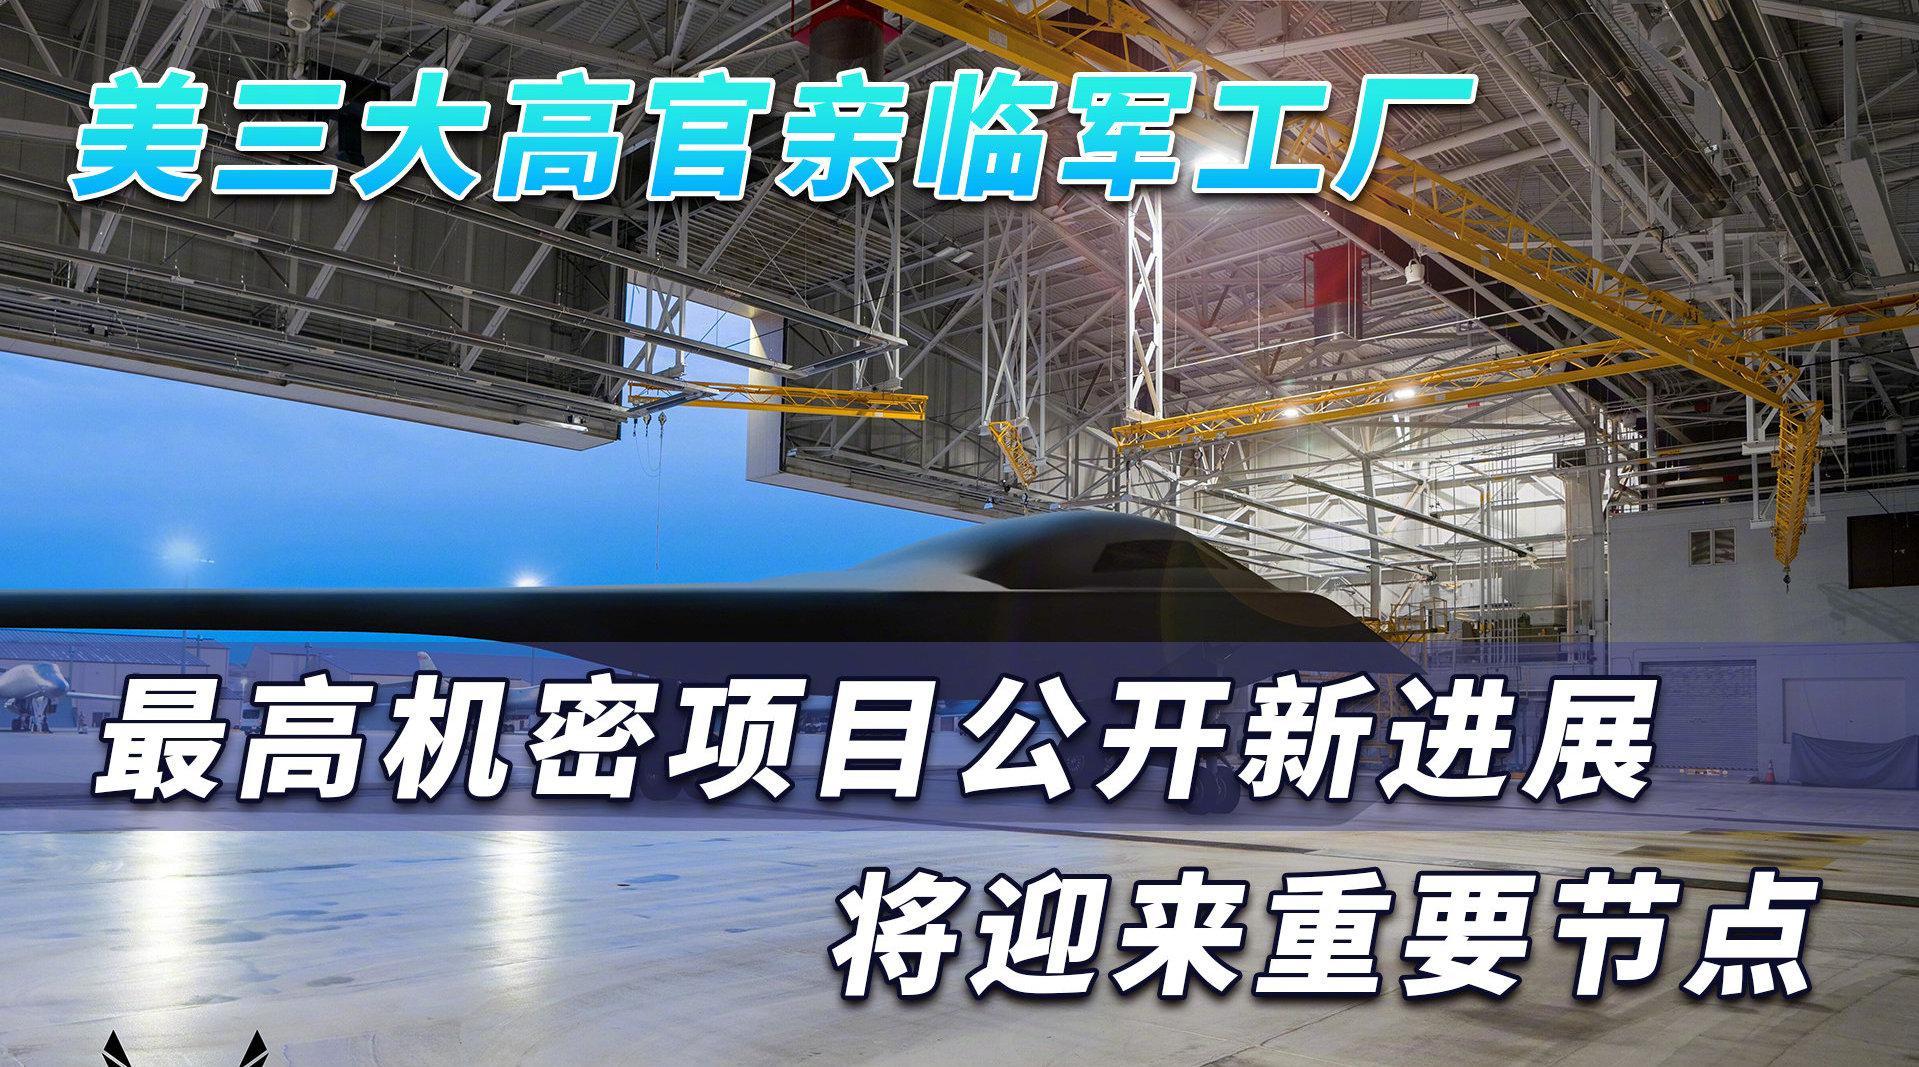 美三大高官亲临军工厂,最高机密项目公开新进展,将迎来重要节点